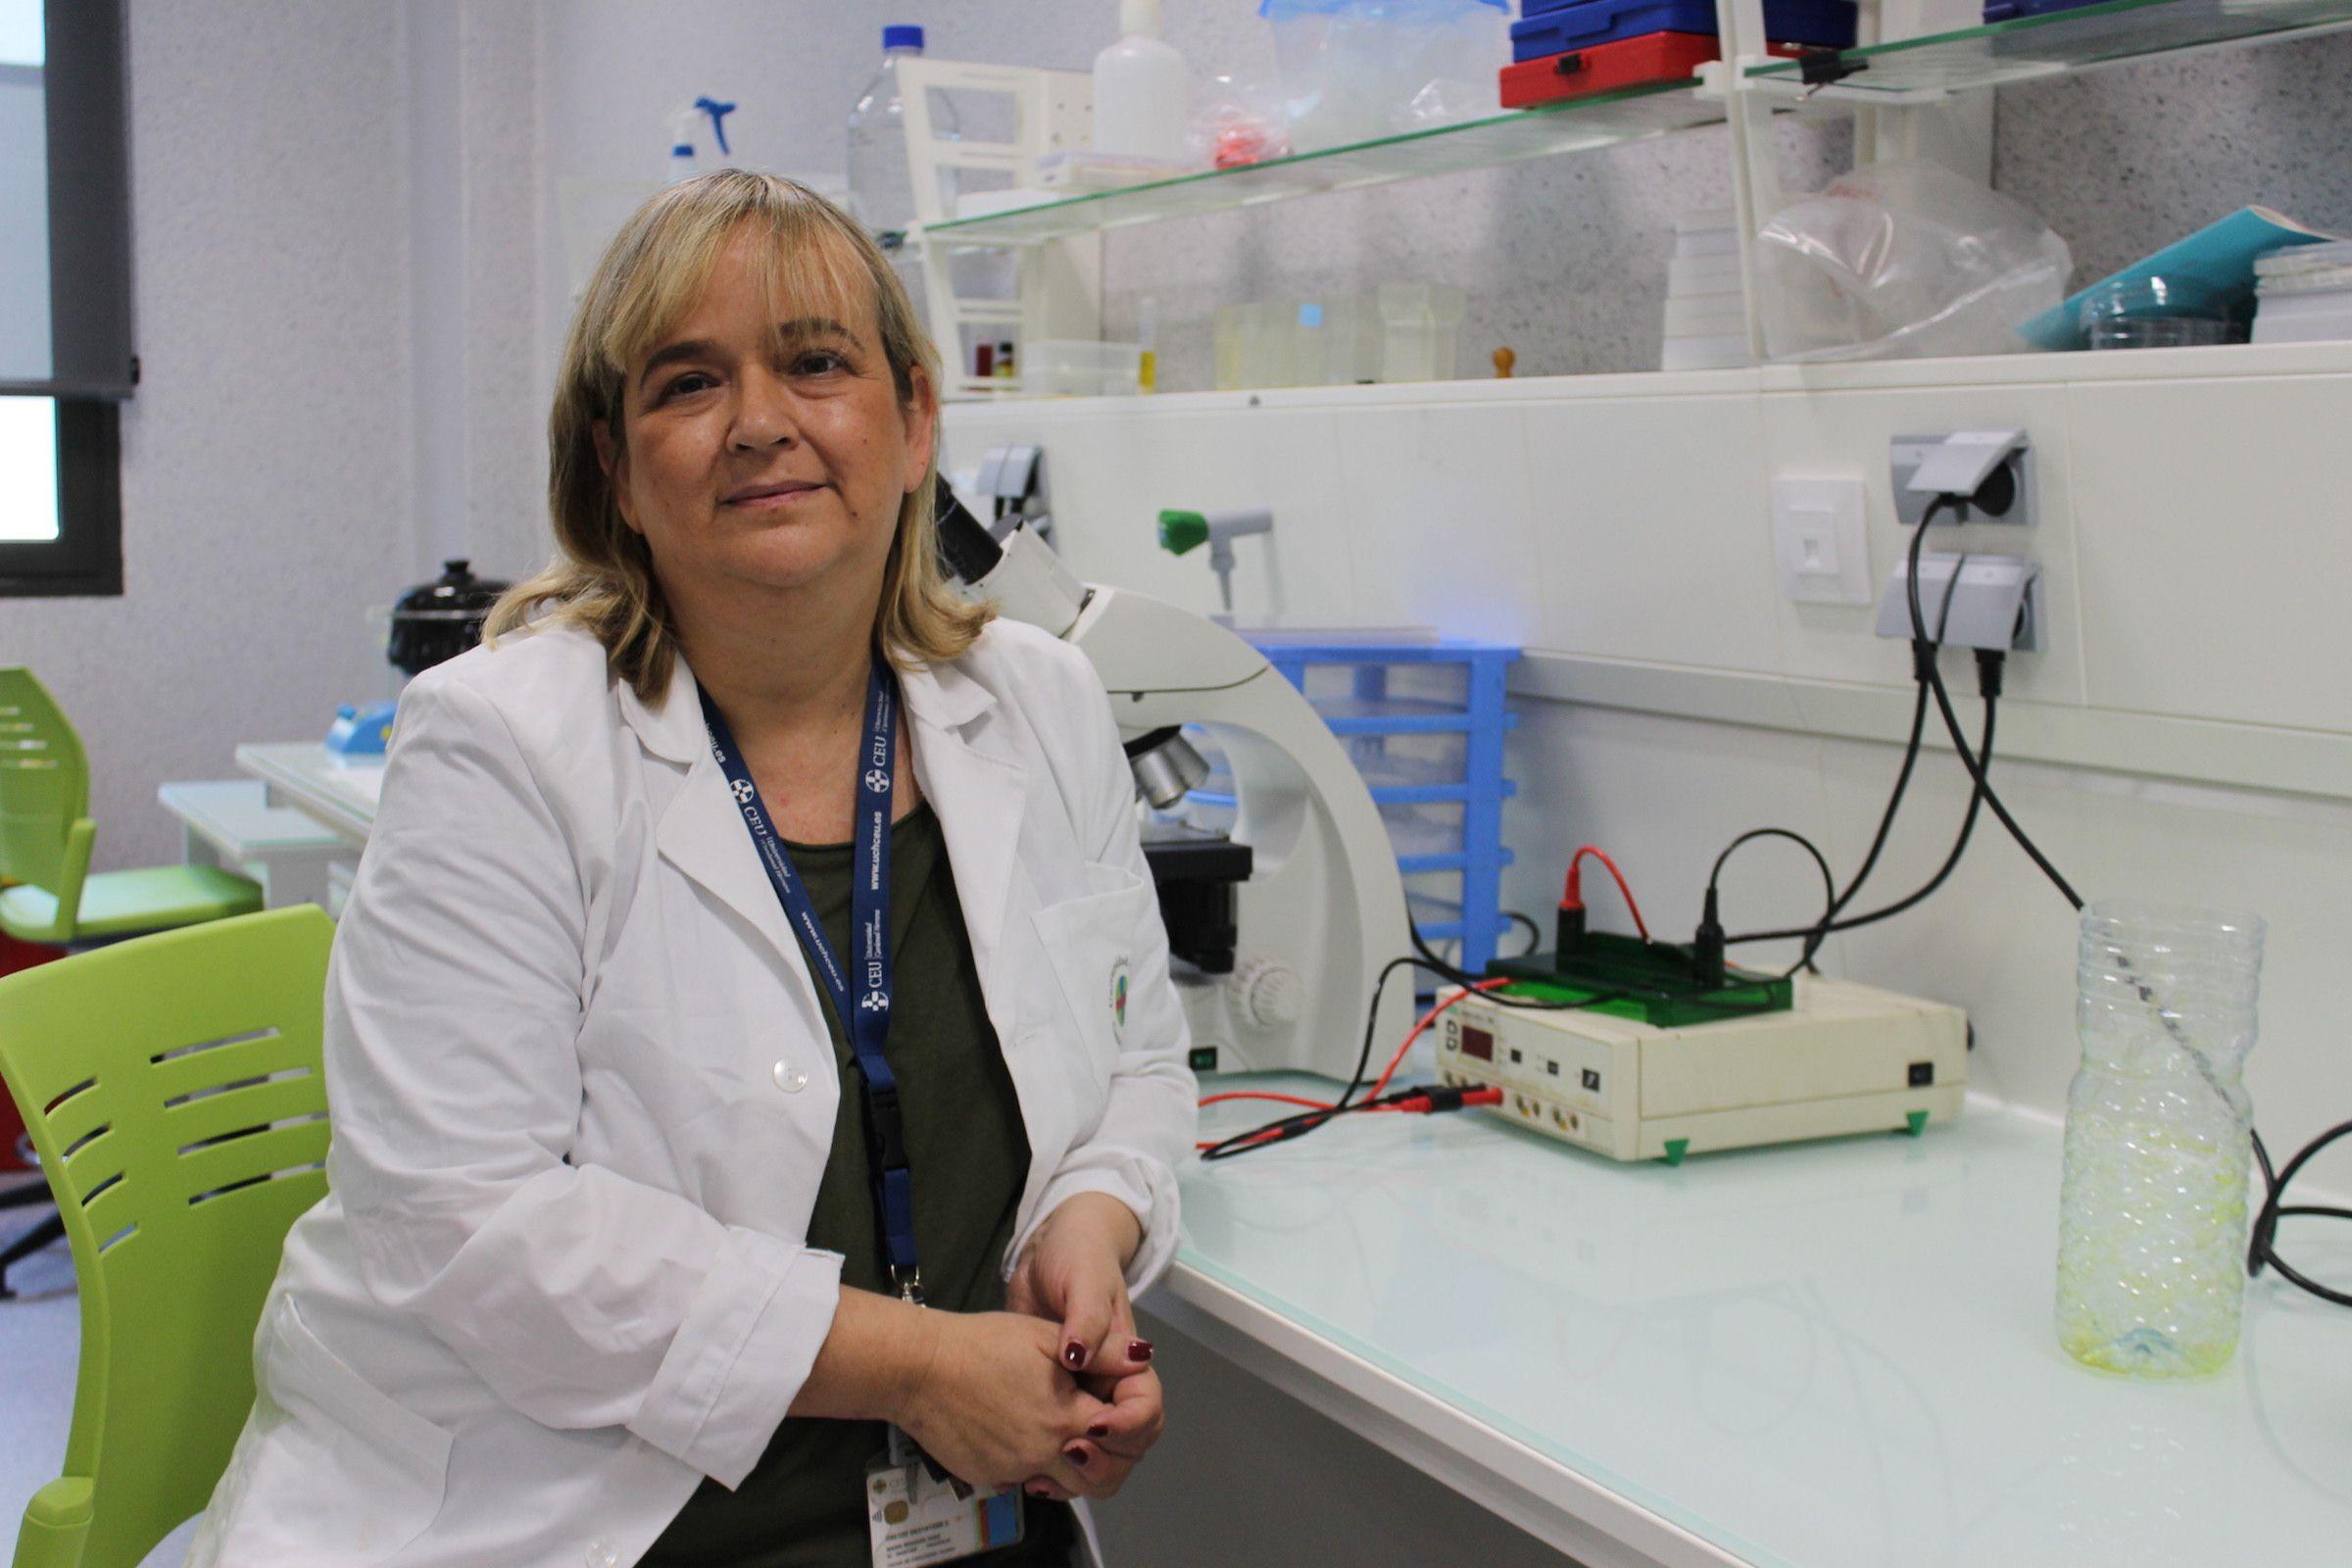 La investigadora María Miranda Sanz, coordinadora del Grado en Óptica y Optometría de la Universidad CEU Cardenal Herrera.